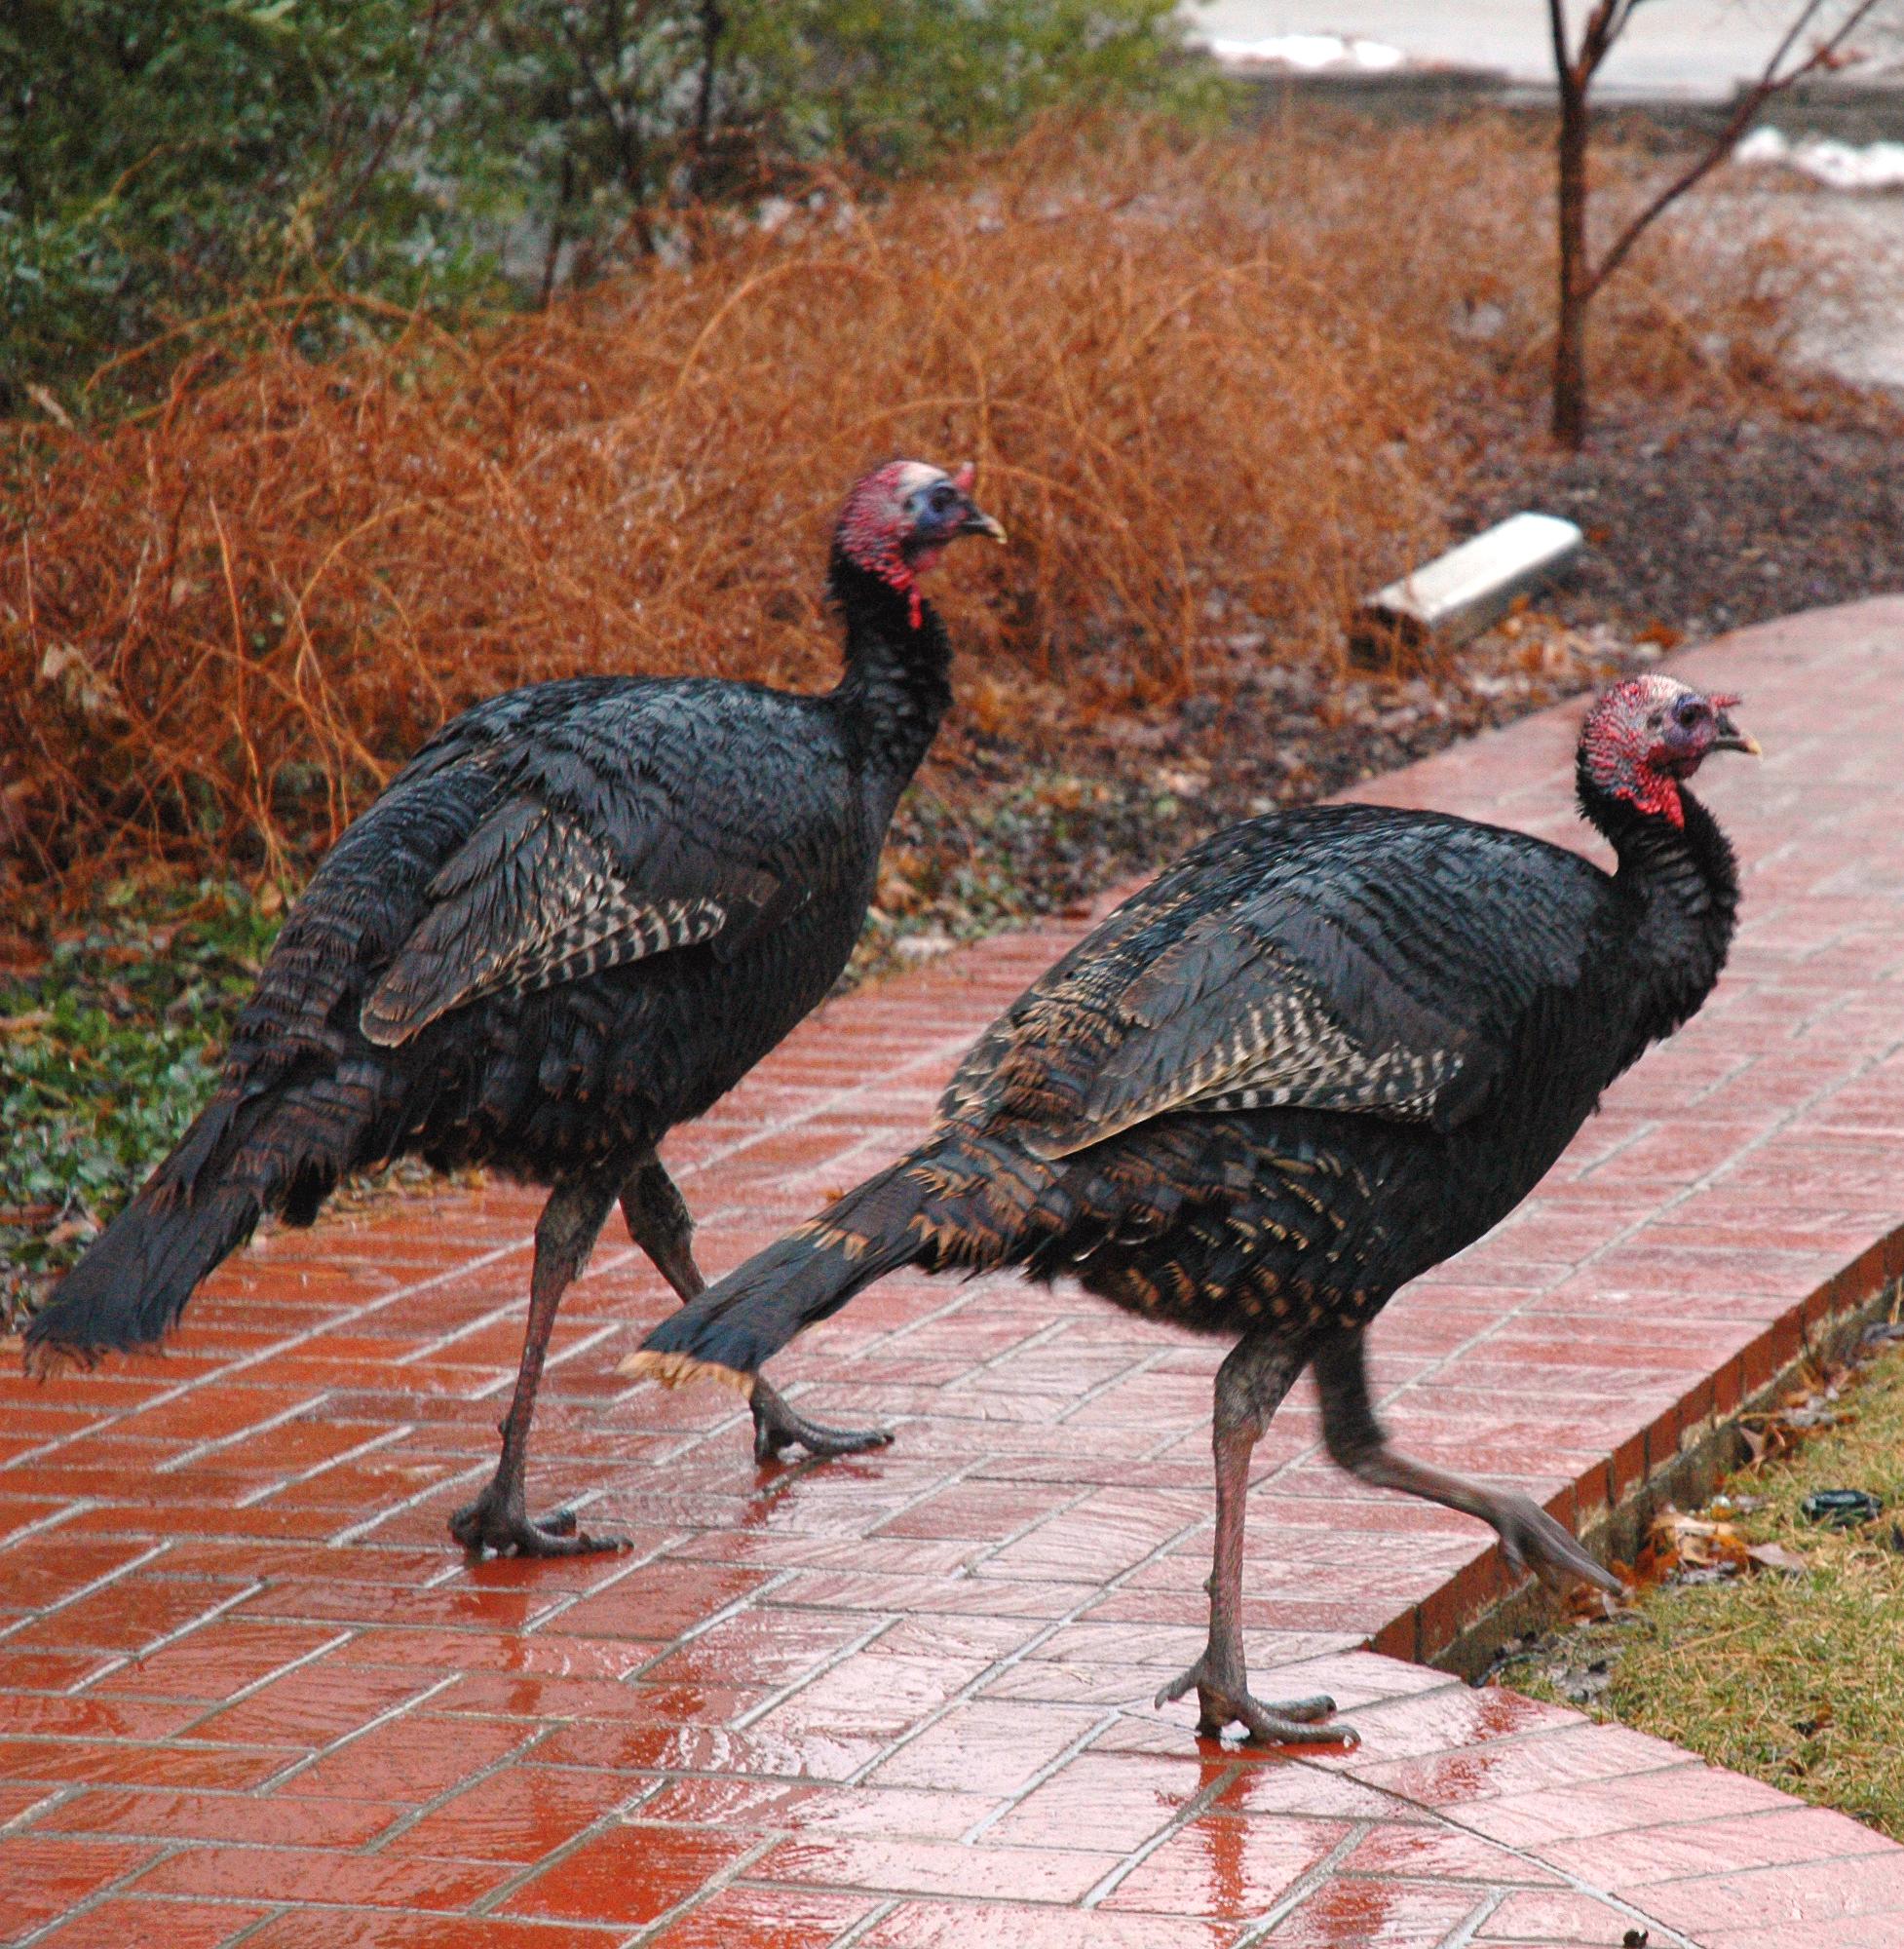 Turkeys on path